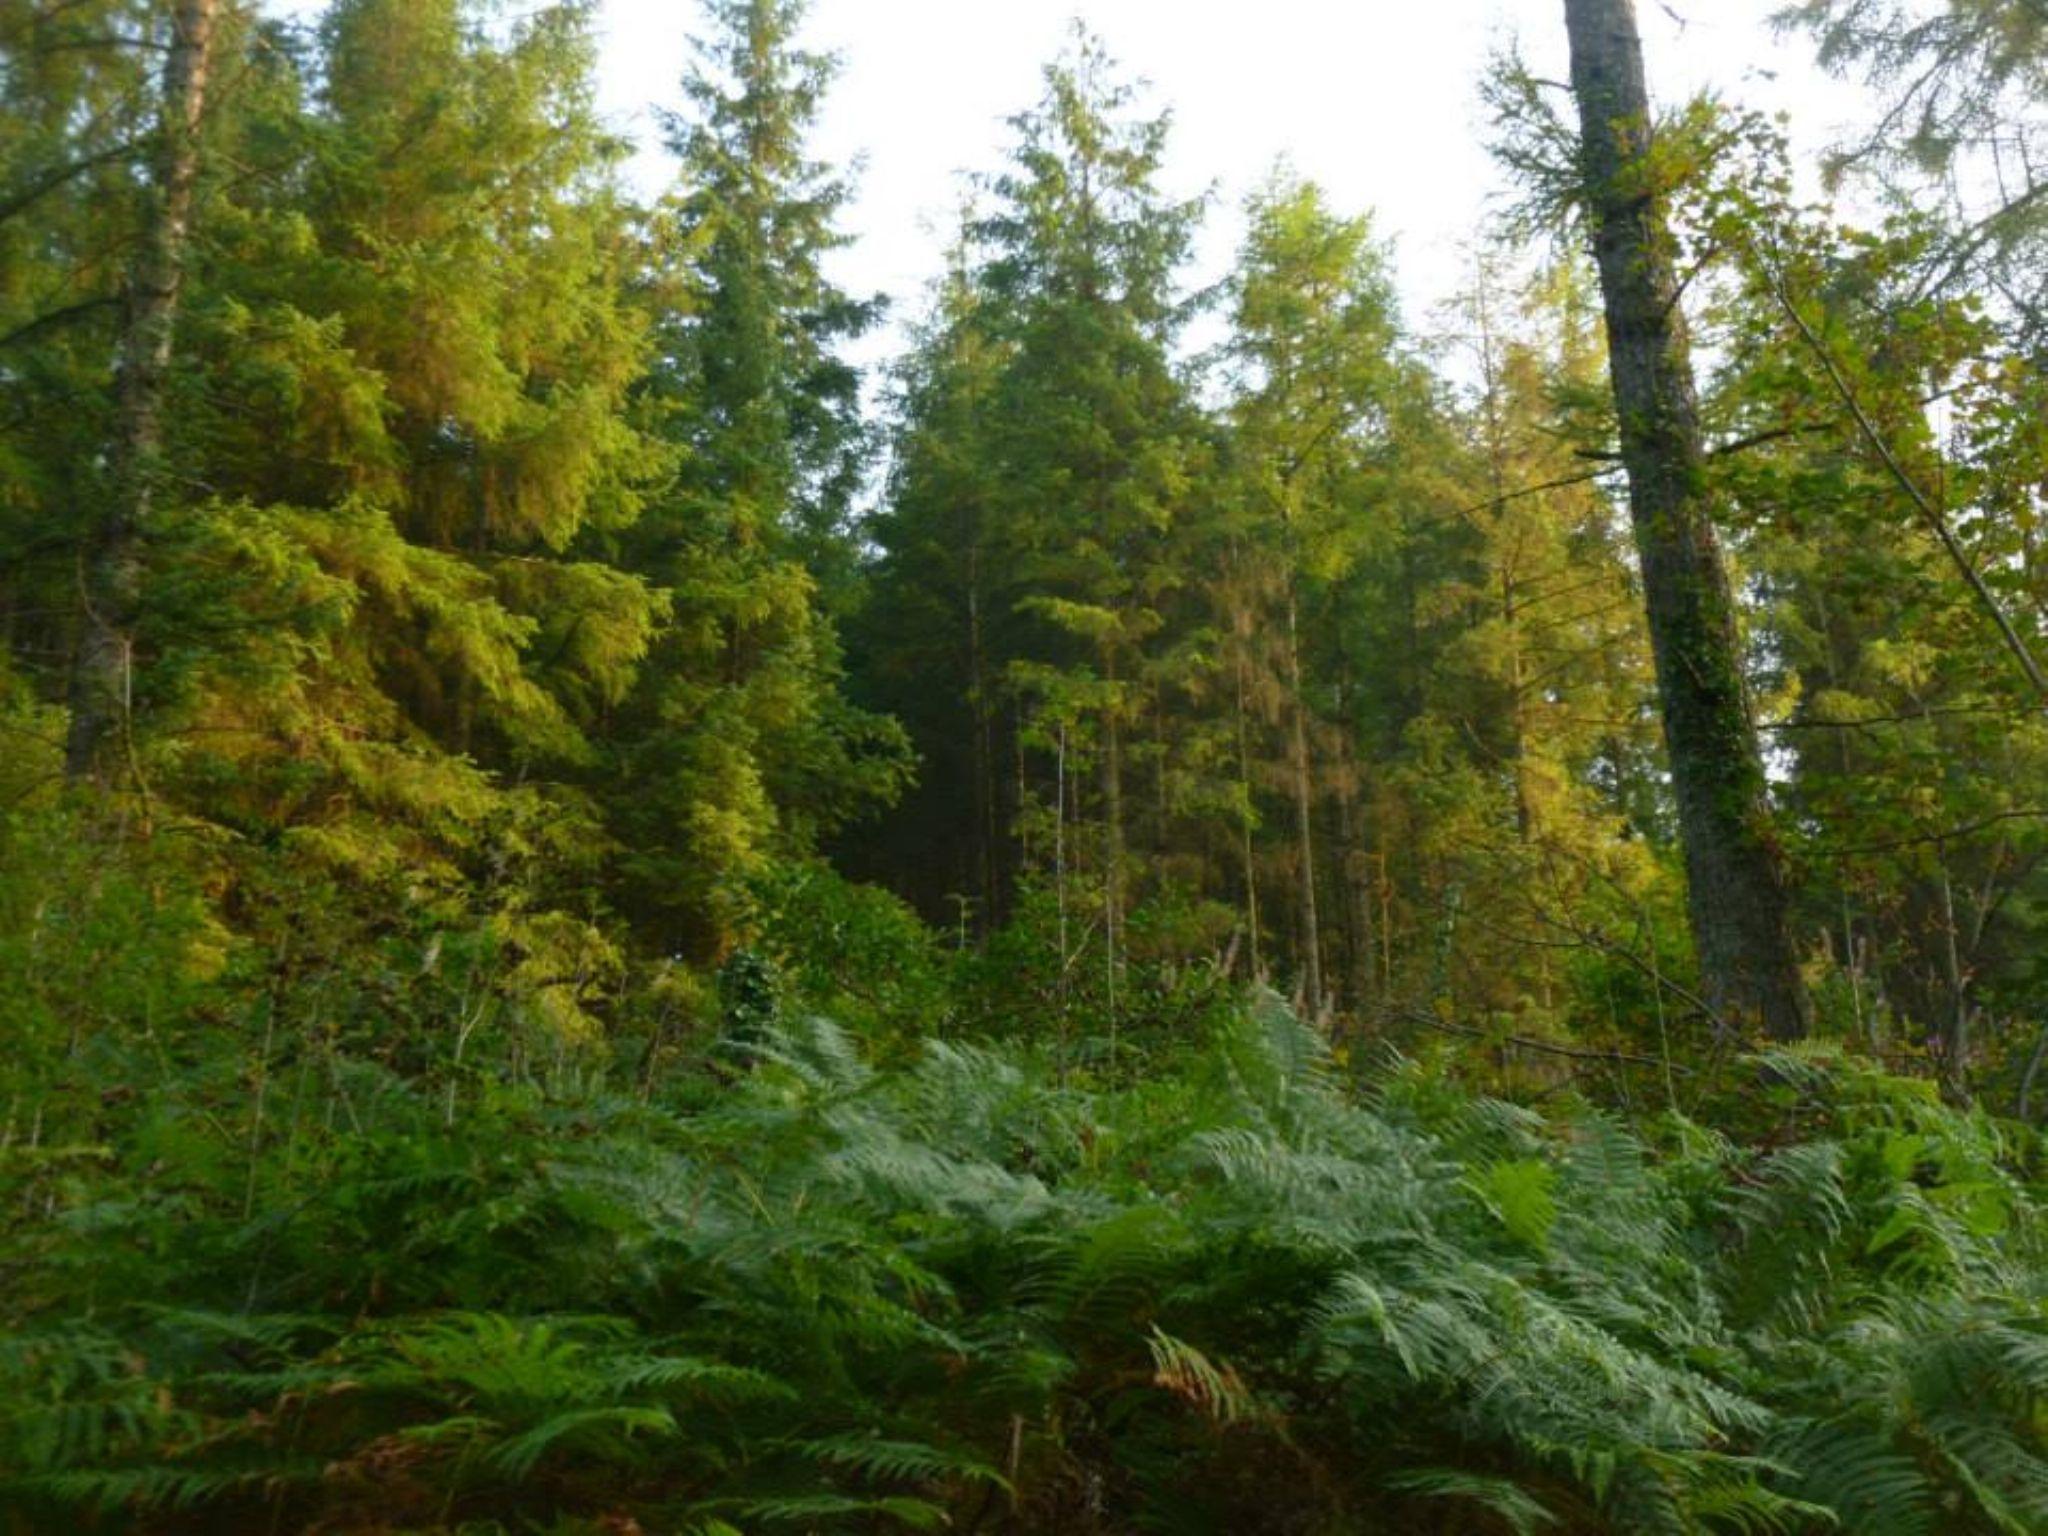 brechfa forest by chris.adams.3557